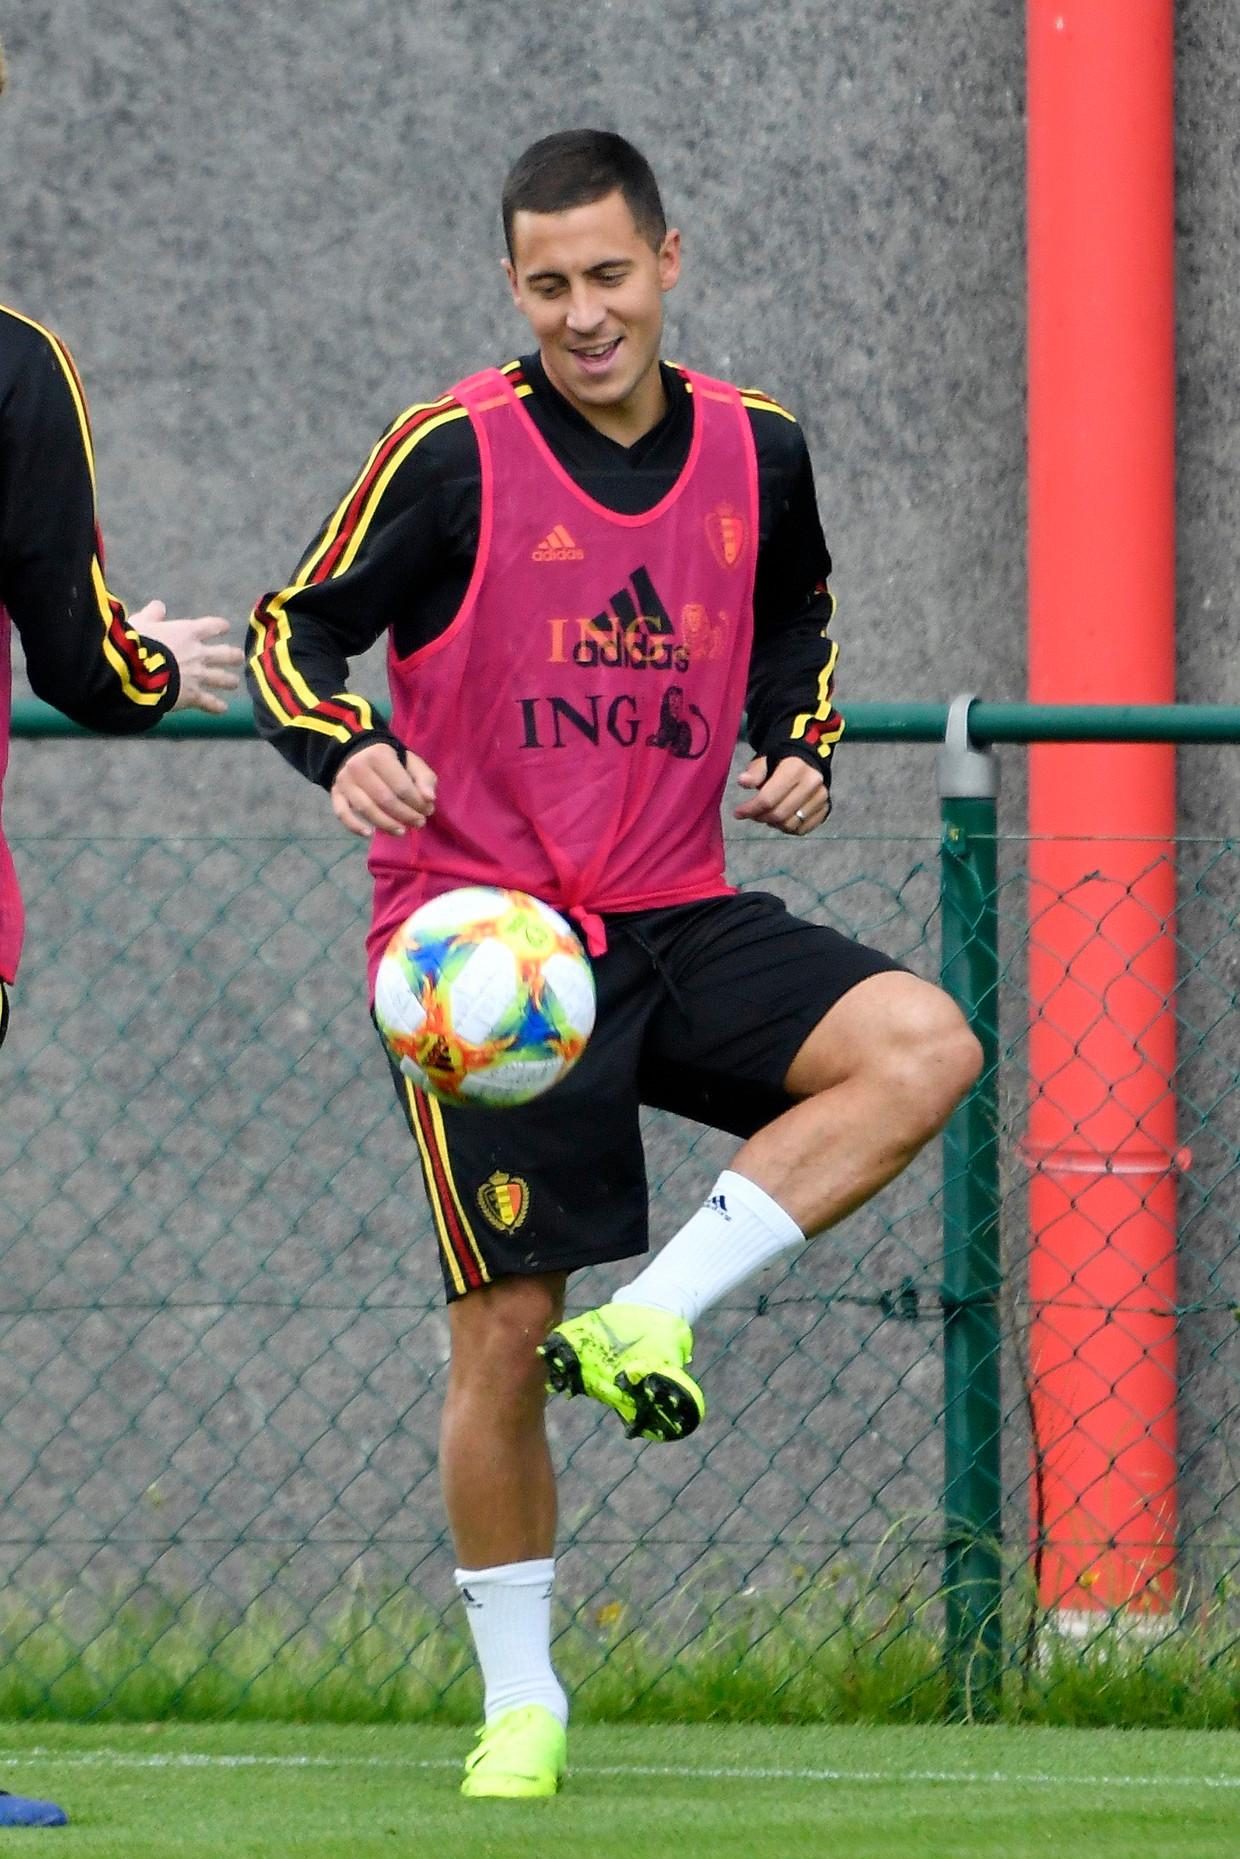 De glimlach is nooit ver weg bij Eden Hazard in Tubeke. Zeker niet na zijn toptransfer. Beeld Photo News